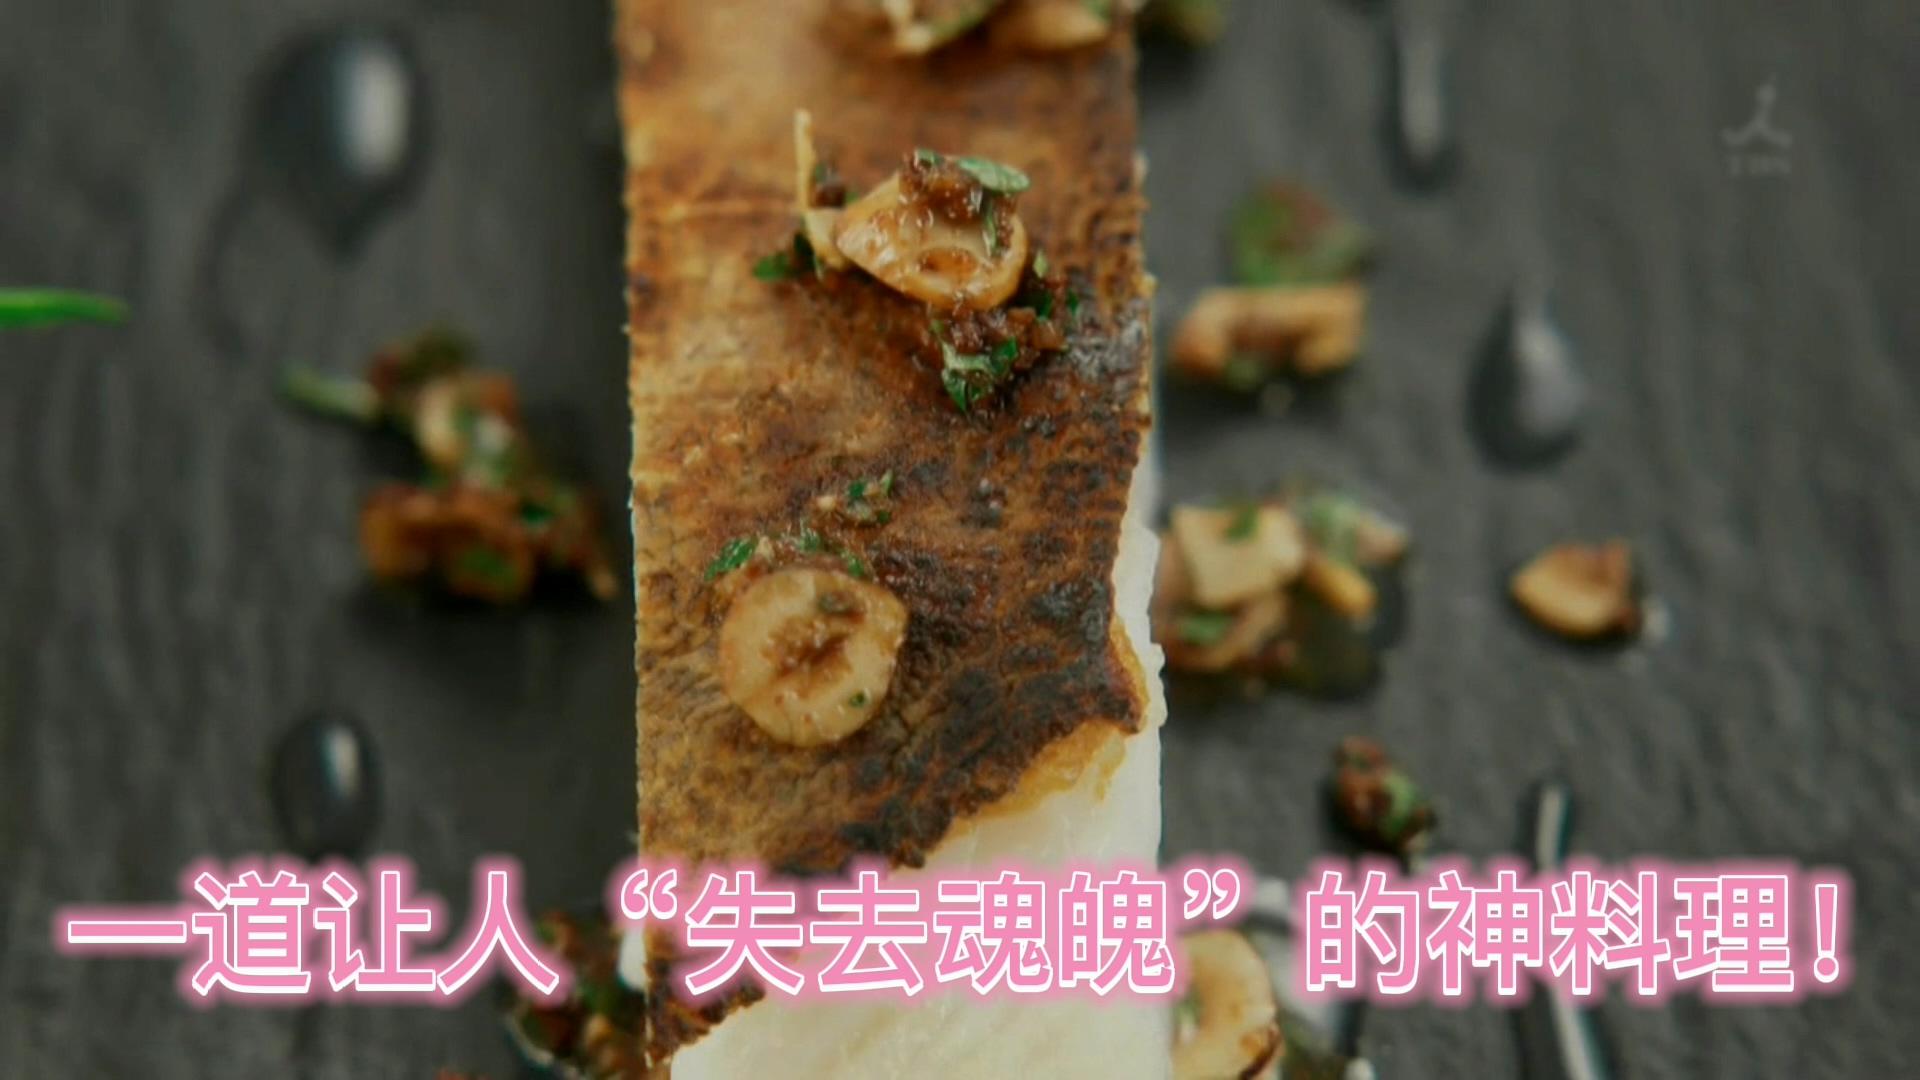 美女厨师做了一道极品烤鱼料理,天才厨师尝后疯狂飙泪!